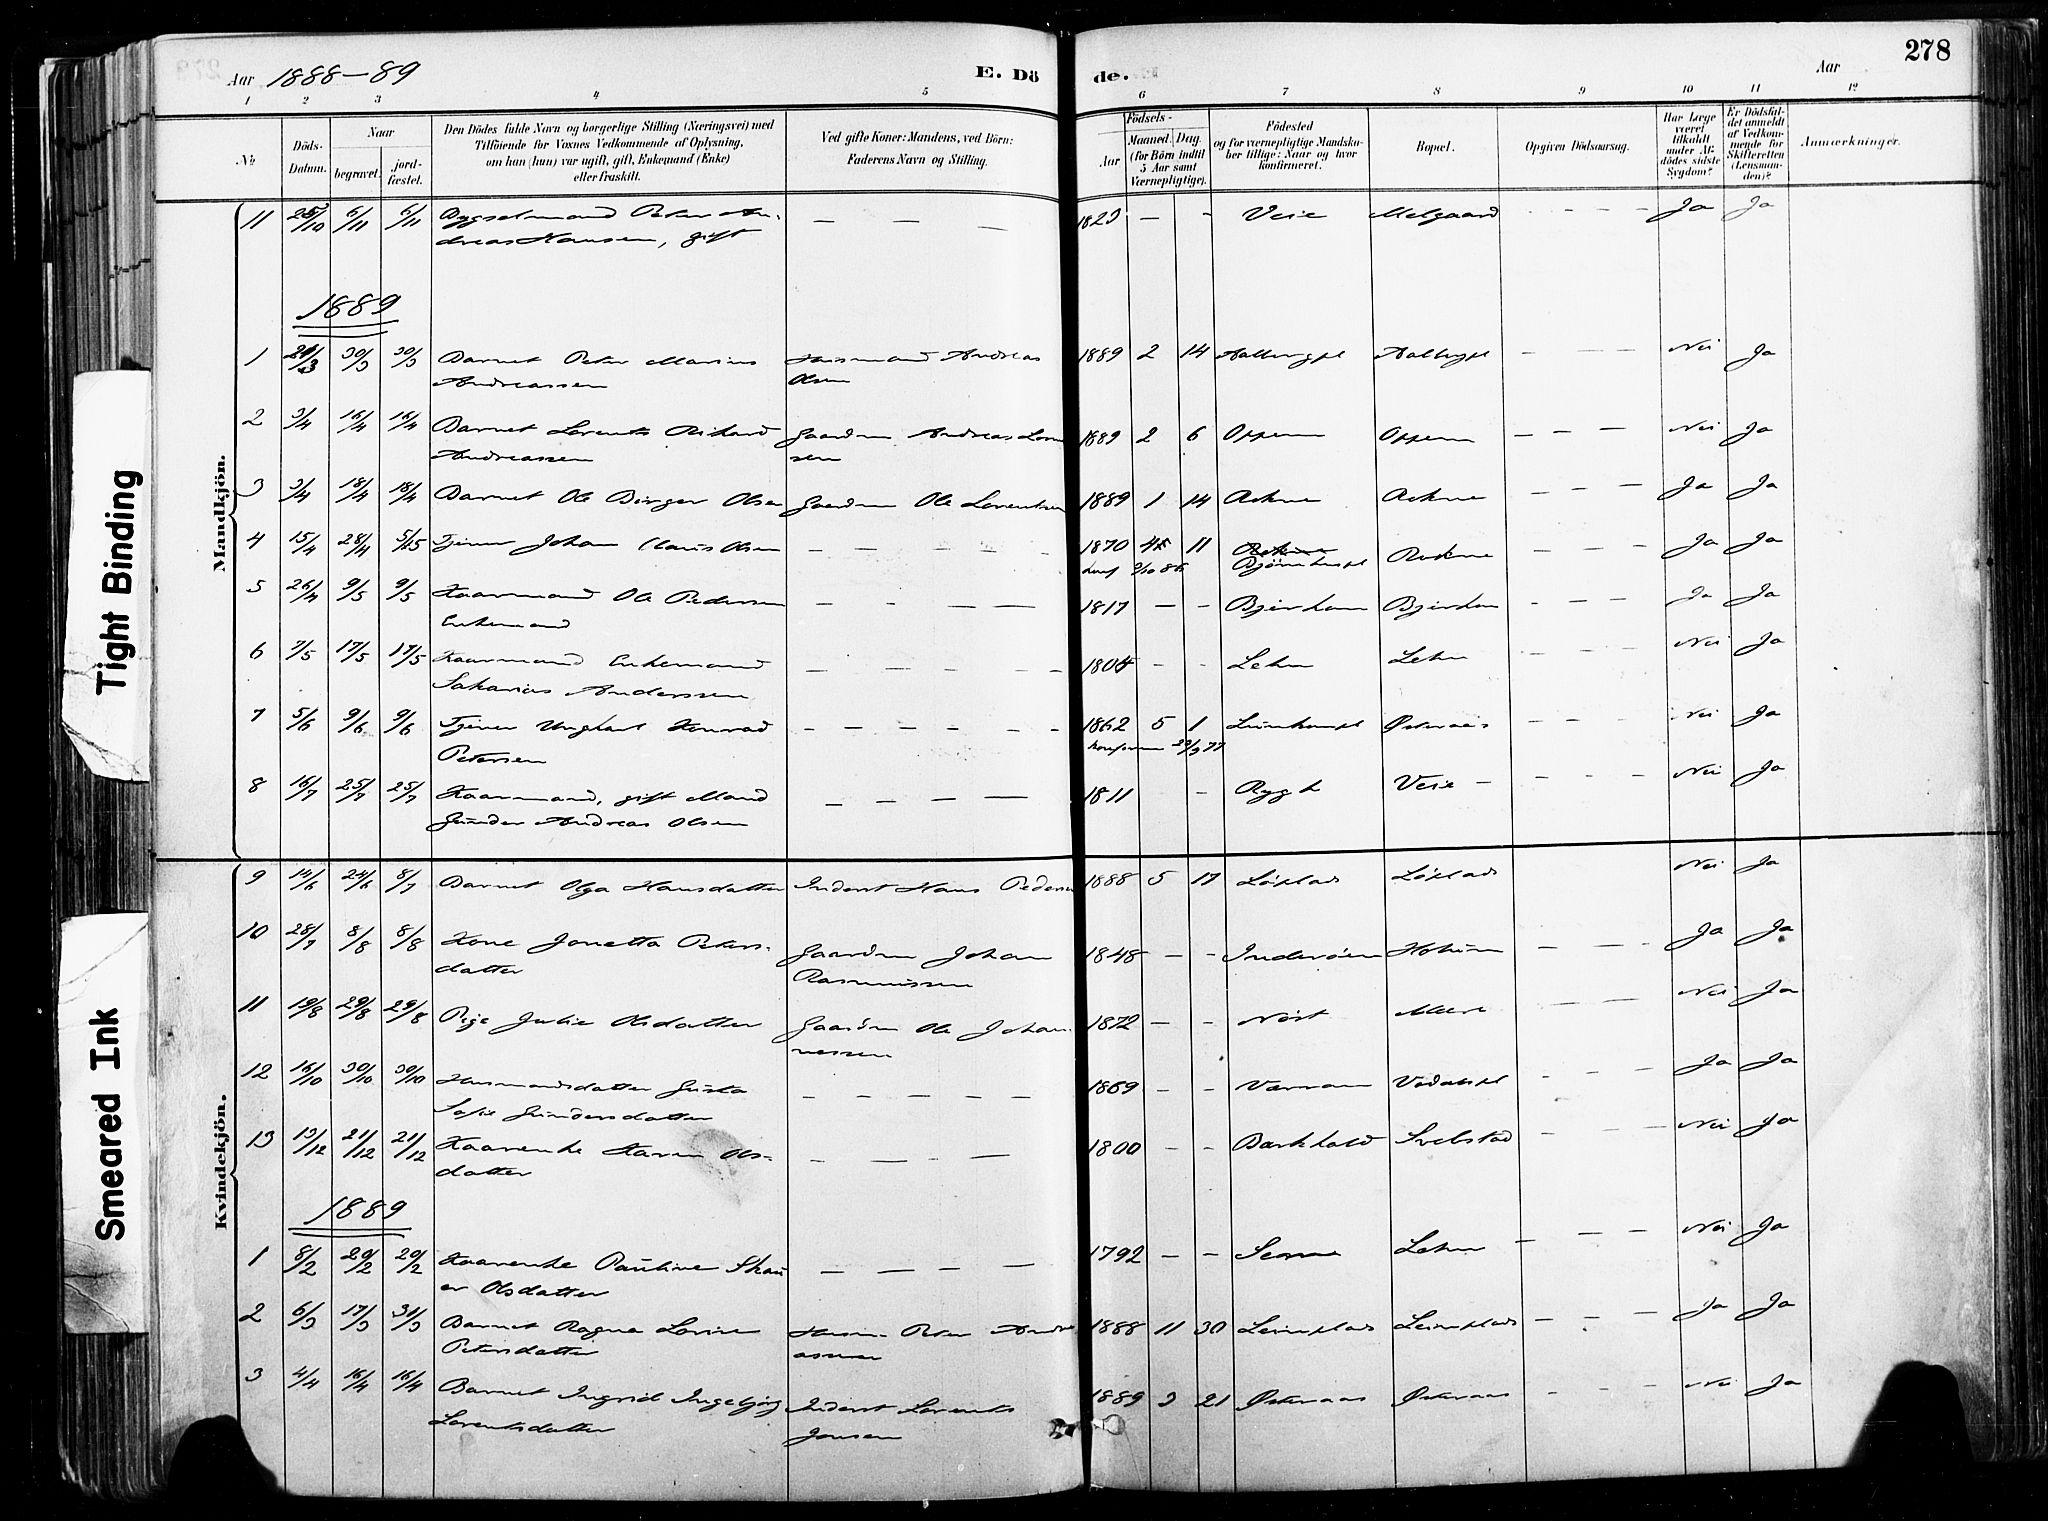 SAT, Ministerialprotokoller, klokkerbøker og fødselsregistre - Nord-Trøndelag, 735/L0351: Ministerialbok nr. 735A10, 1884-1908, s. 278